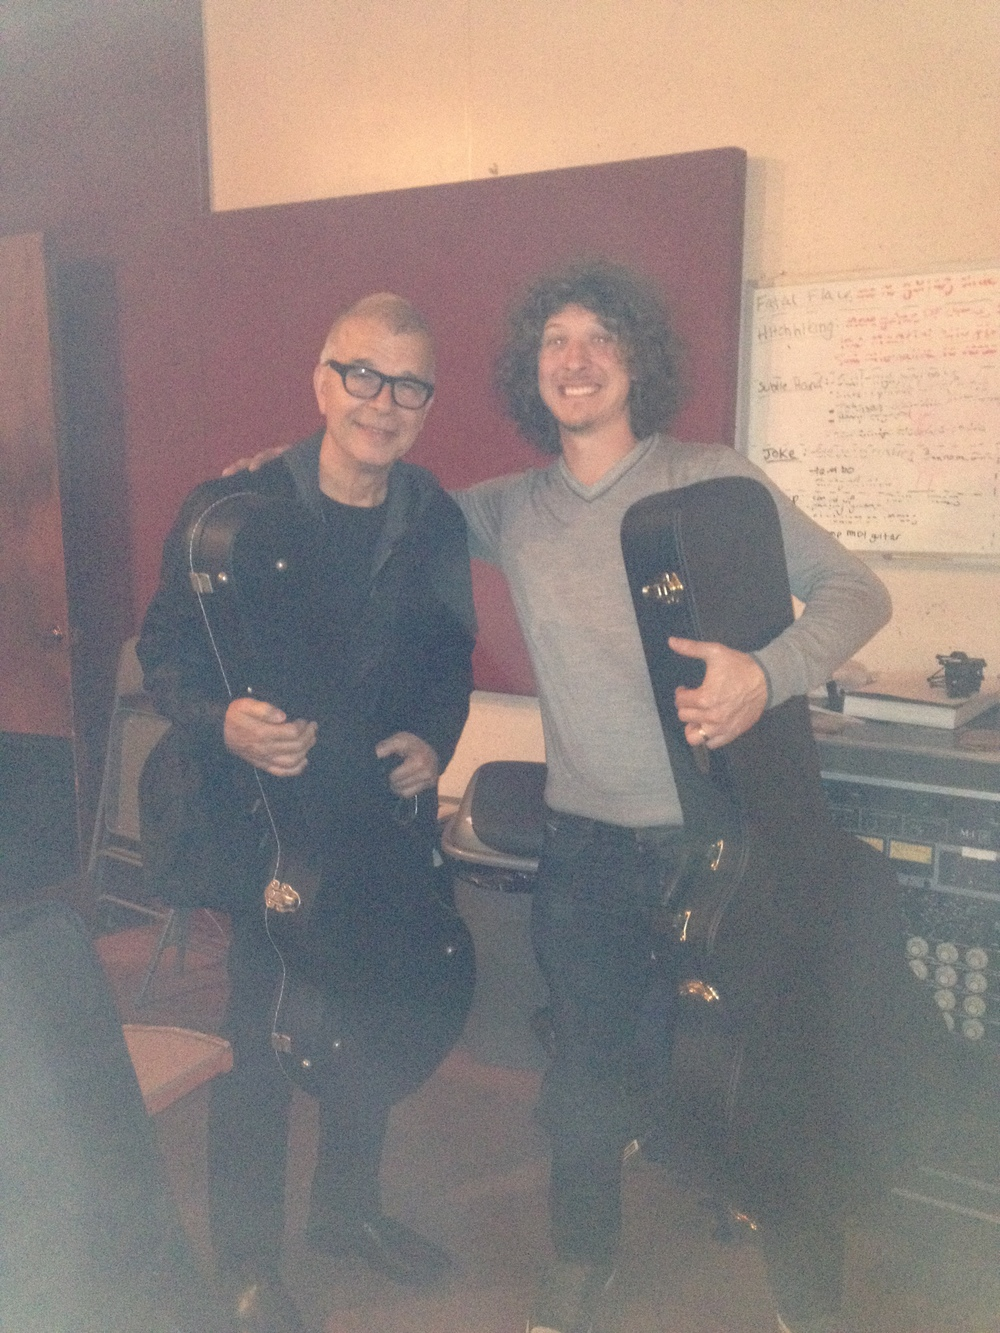 With Tony Visconti